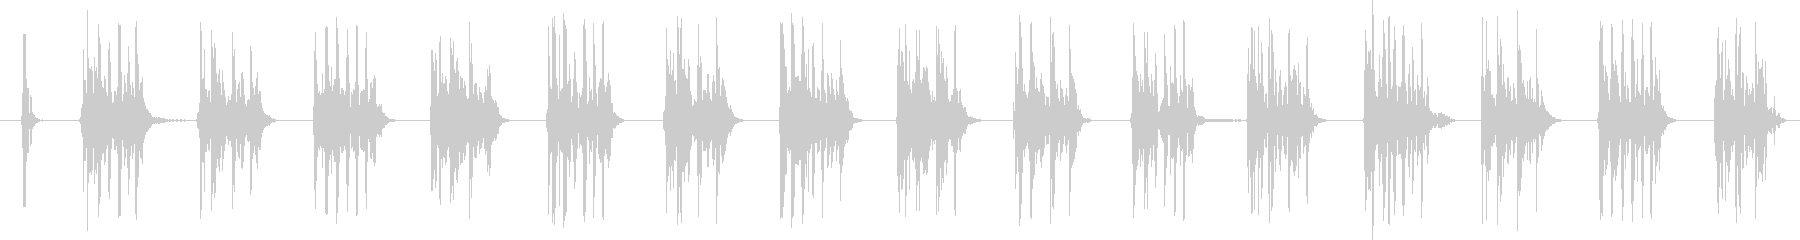 SCI FI マシンガン01の未再生の波形